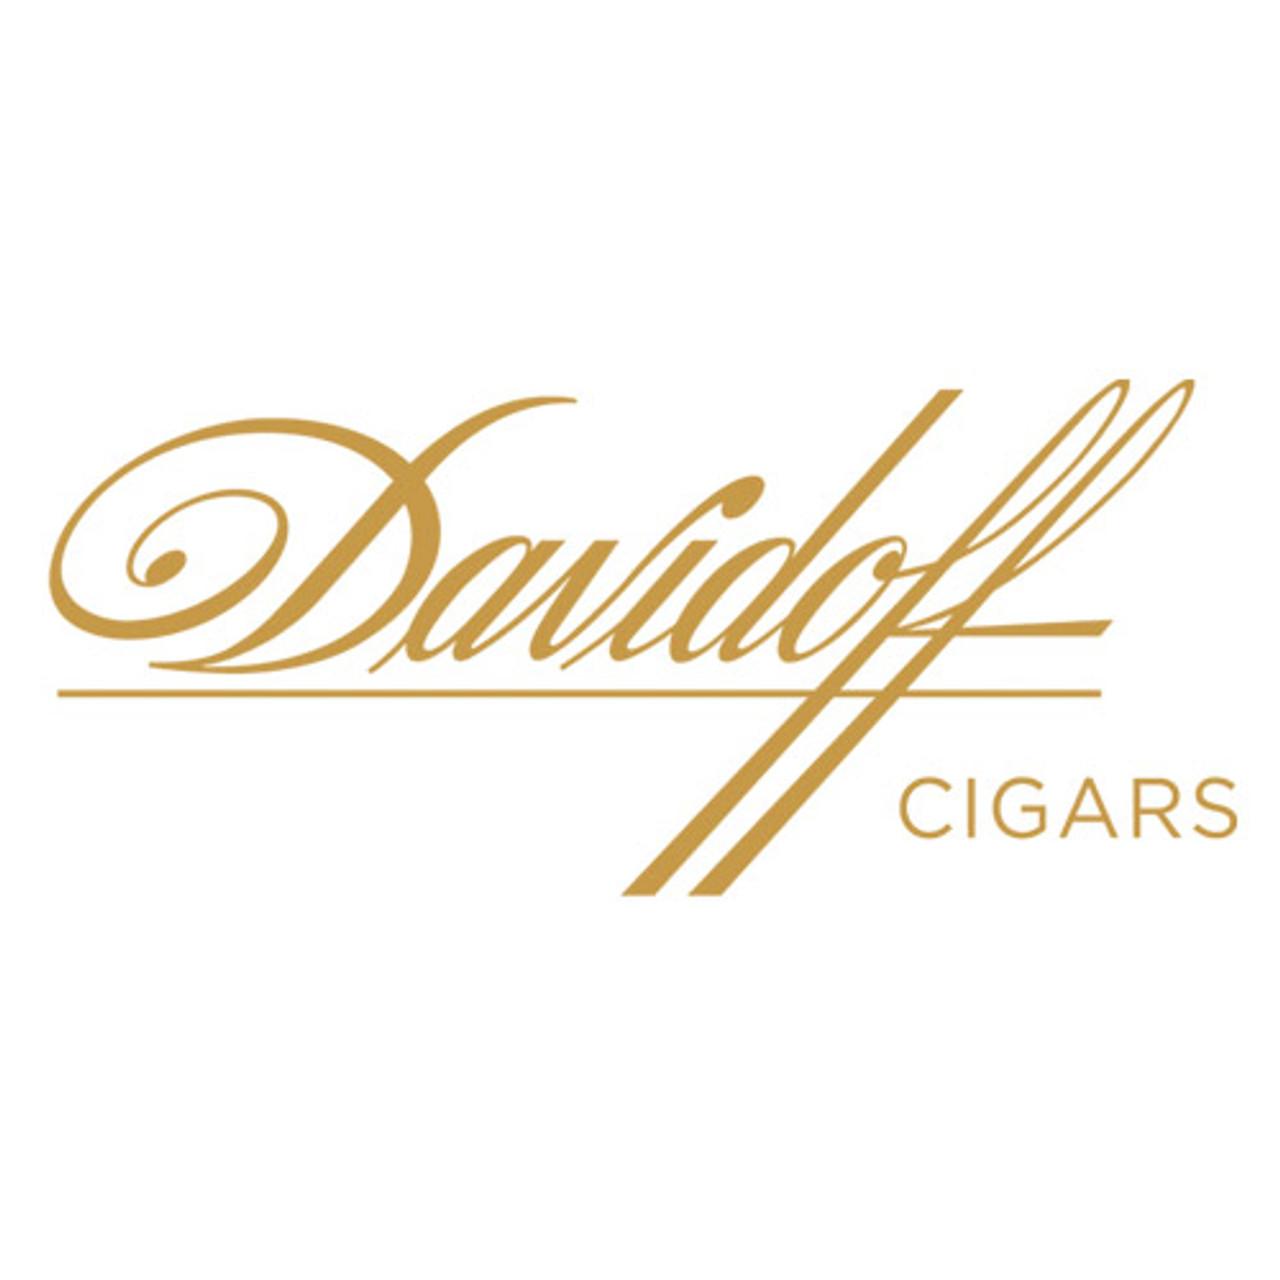 Davidoff Cigarillos and Small Cigars Mini Cigarillos Nicaragua Cigars - 3.43 x 20 (5 Packs of 20 (100 Total))